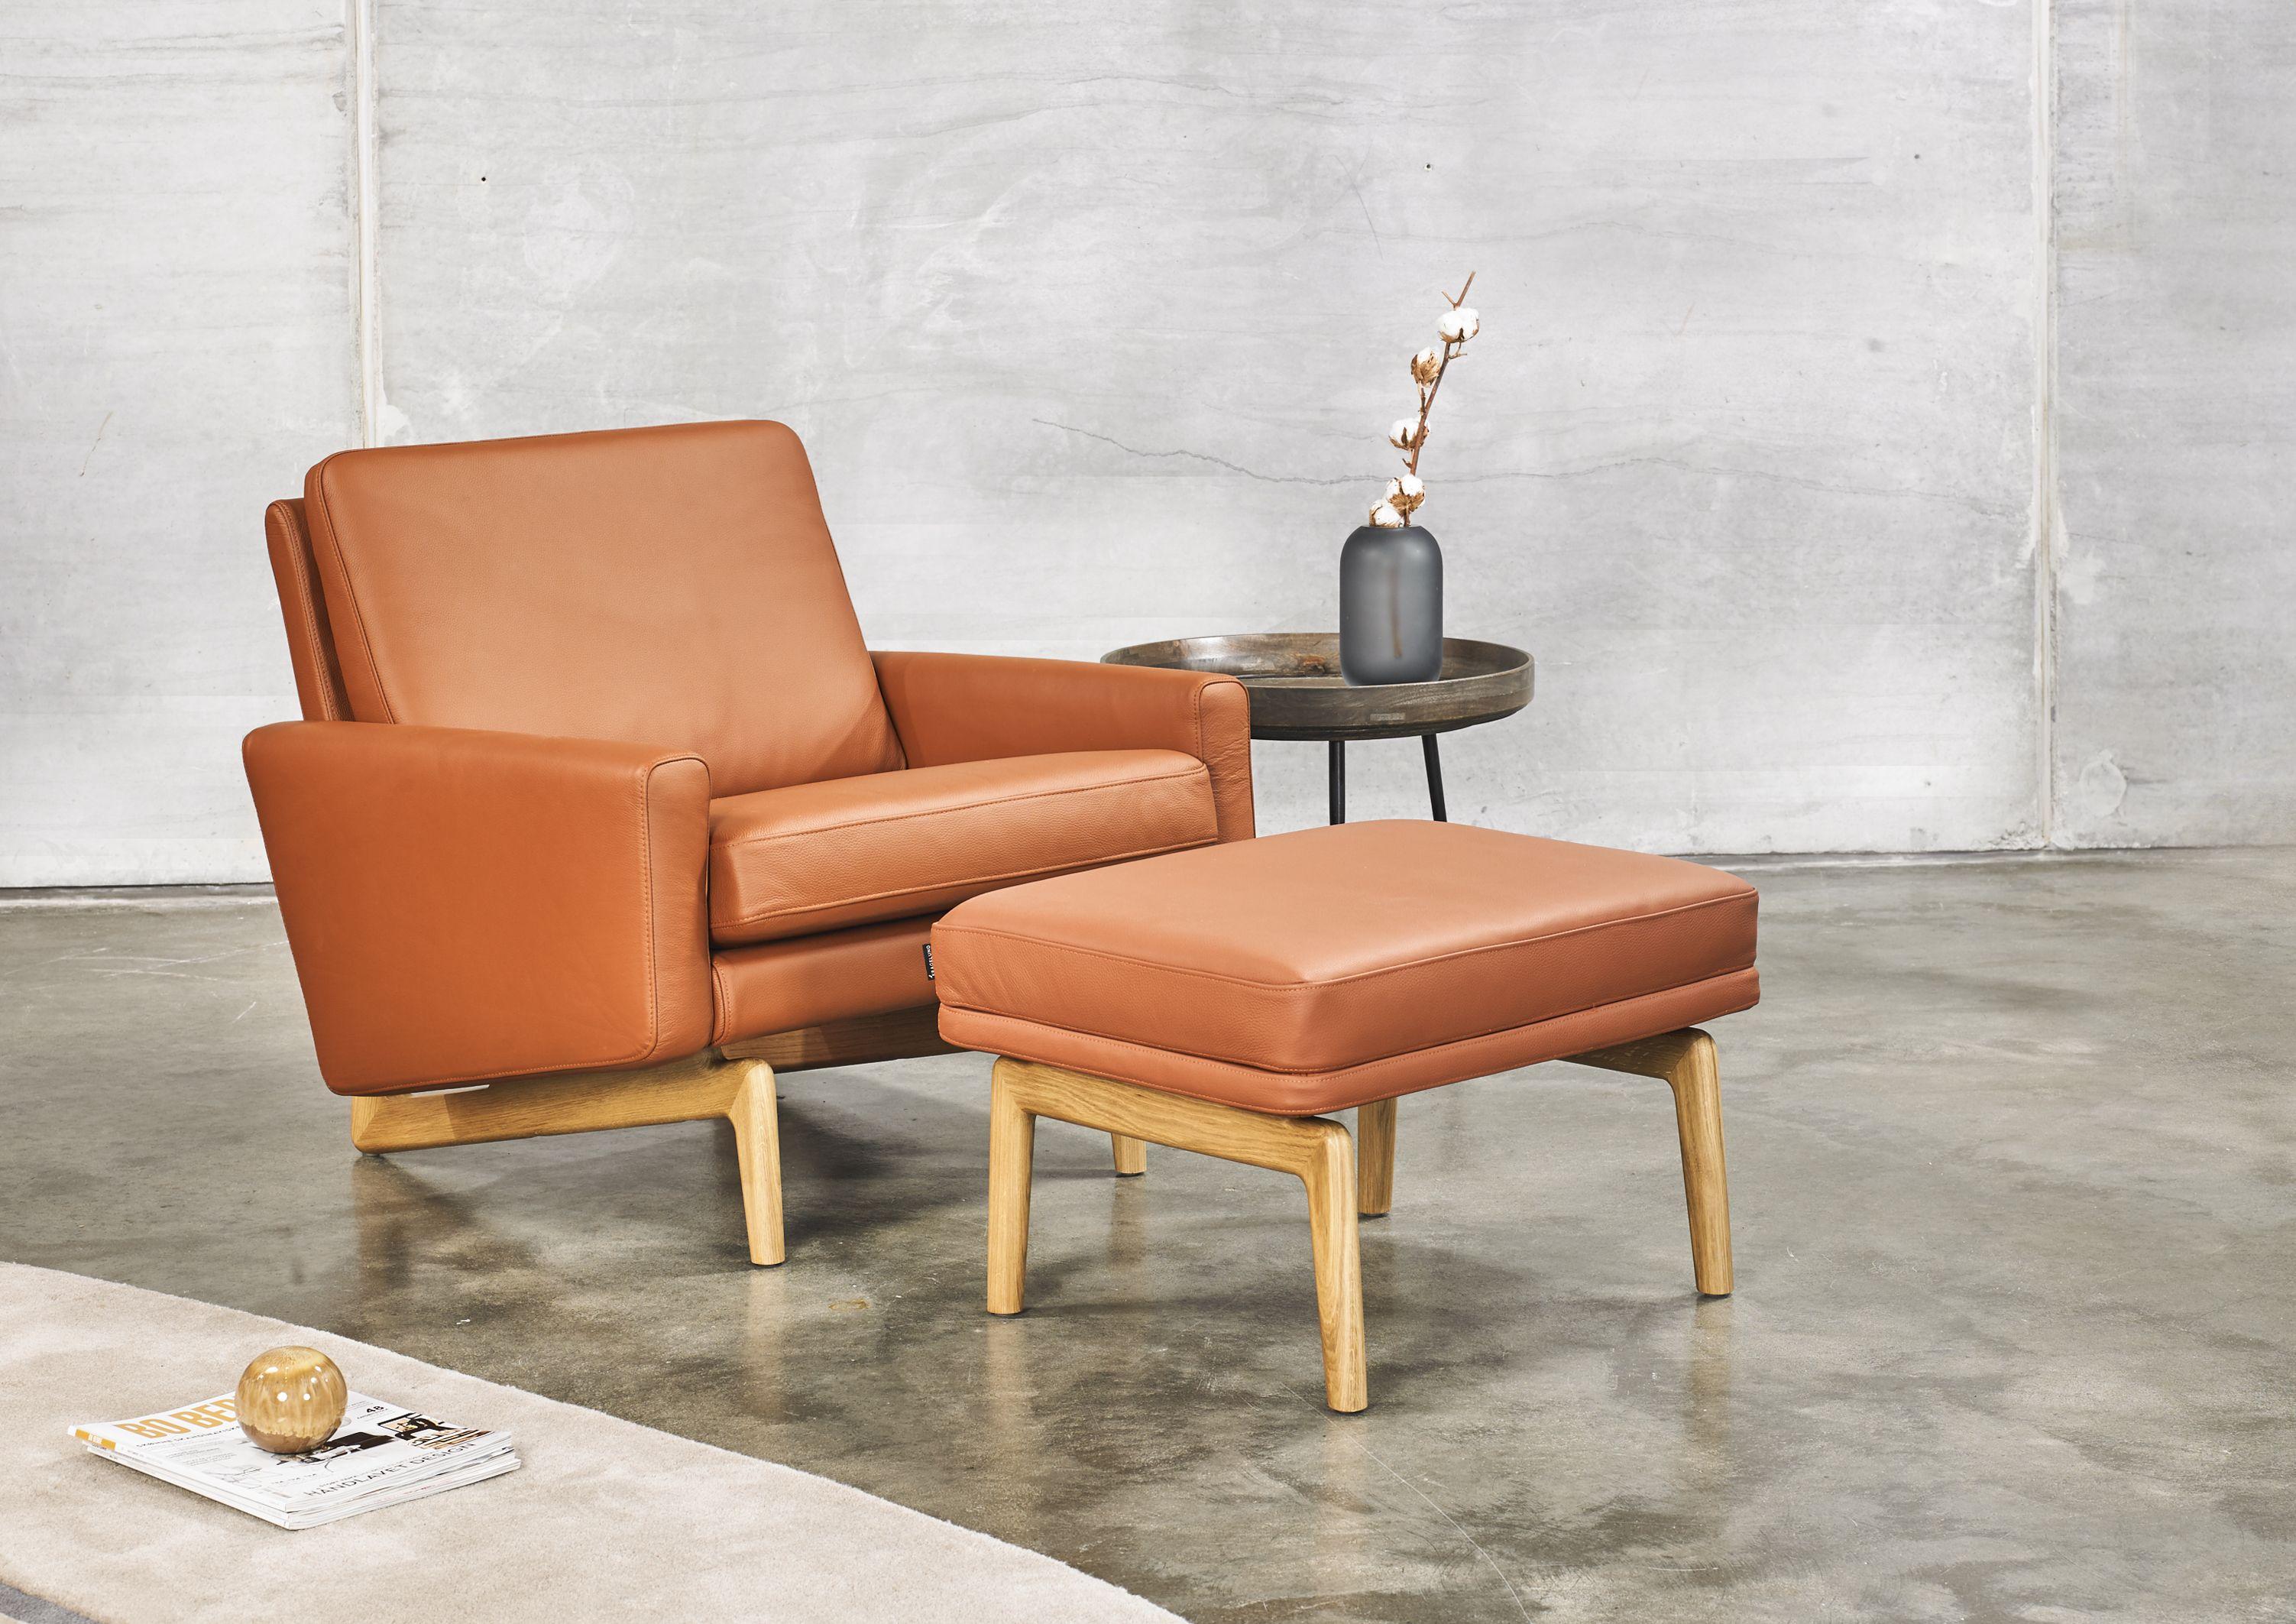 Kopenhagen Designer Sessel Mit Polsterarmlehnen Und Holzfüßen Kopenhagen Und Kopenhagen Oak Als 2 Sitzer Oder 3 Sitzer A Sessel Mit Hocker Sofa Design Sessel